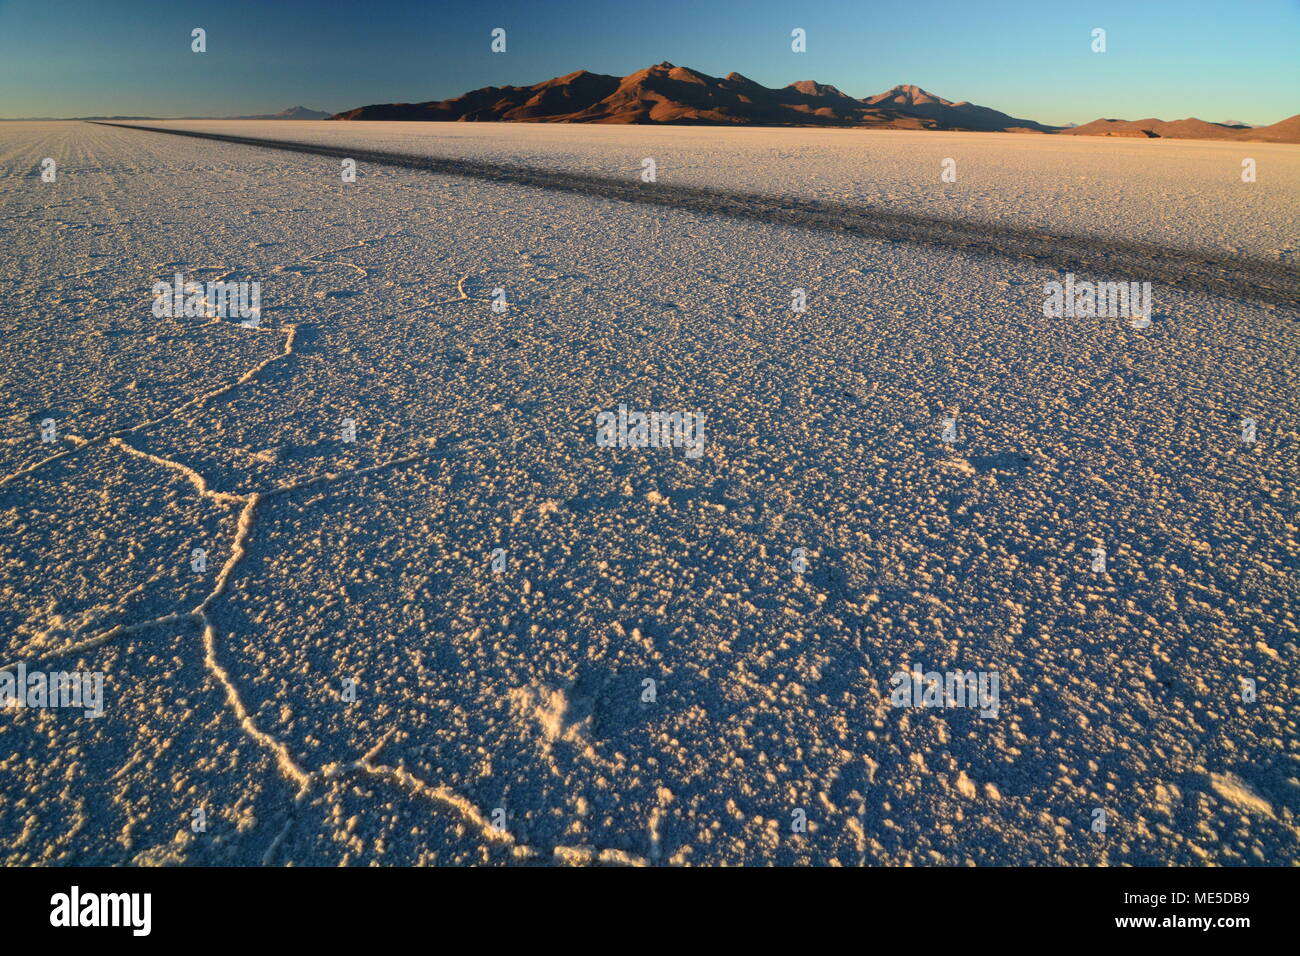 Amanecer en el Salar de Uyuni. Bolivia Imagen De Stock